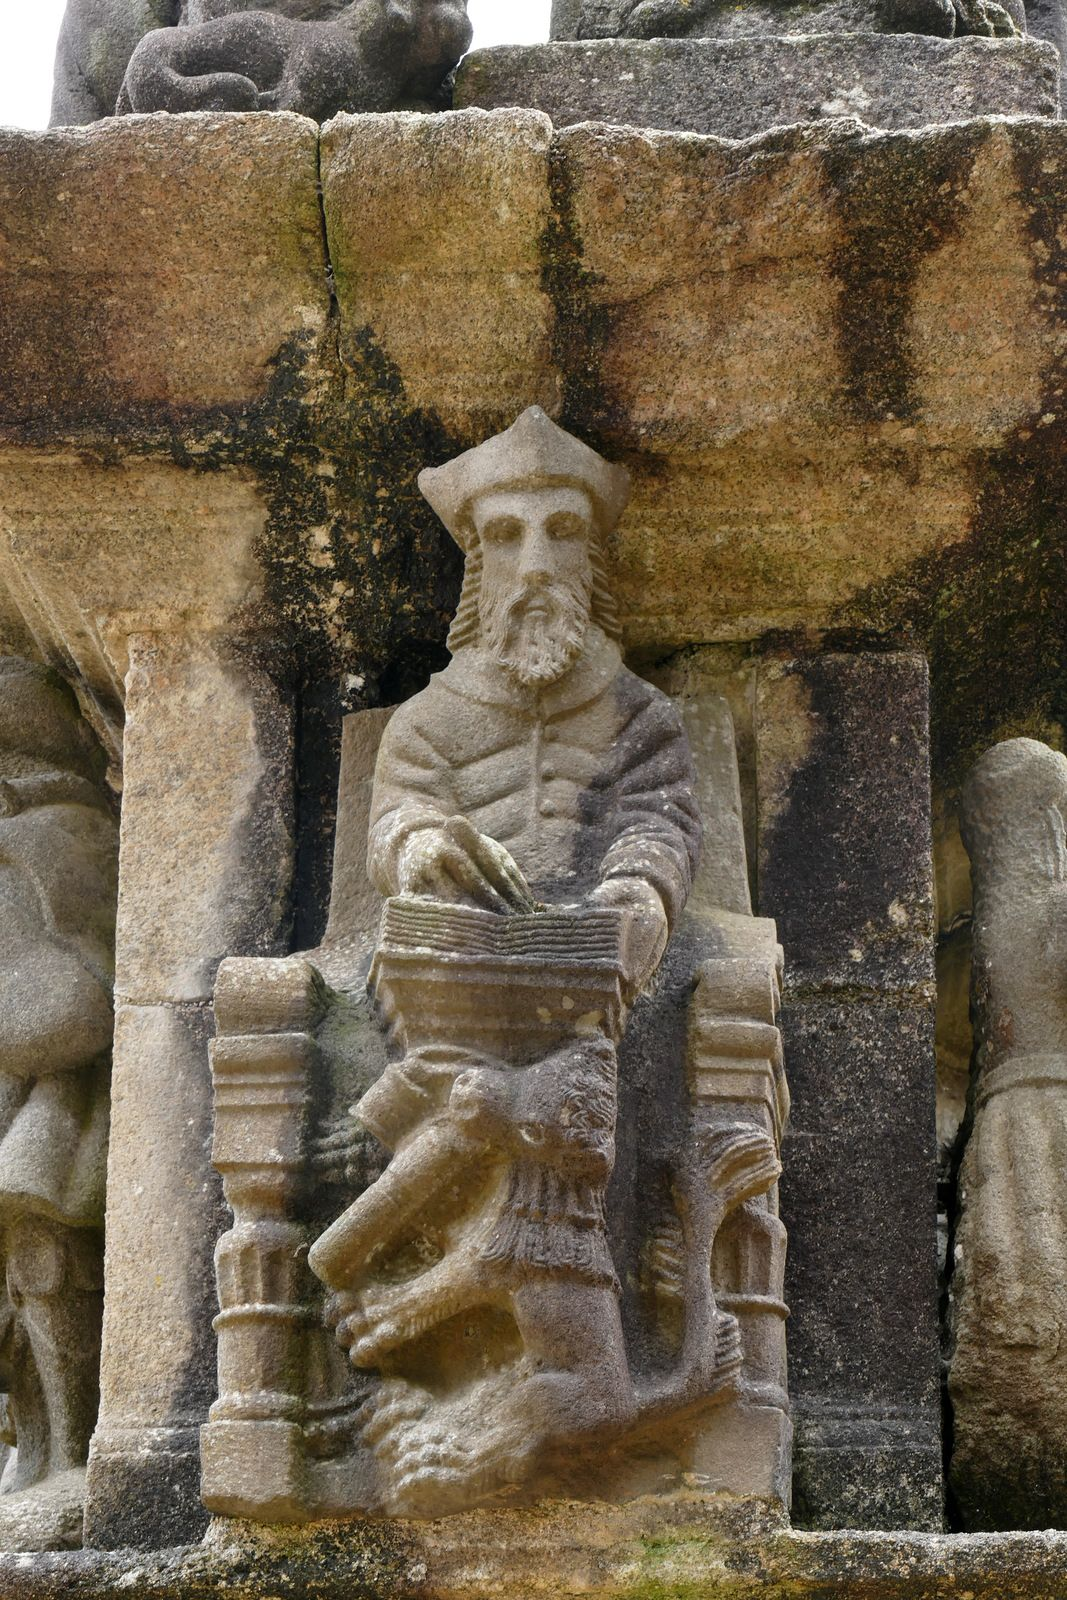 Calvaire (kersanton, 1581-1588)  de l'enclos paroissial de Guimiliau. Photographie lavieb-aile 2021.